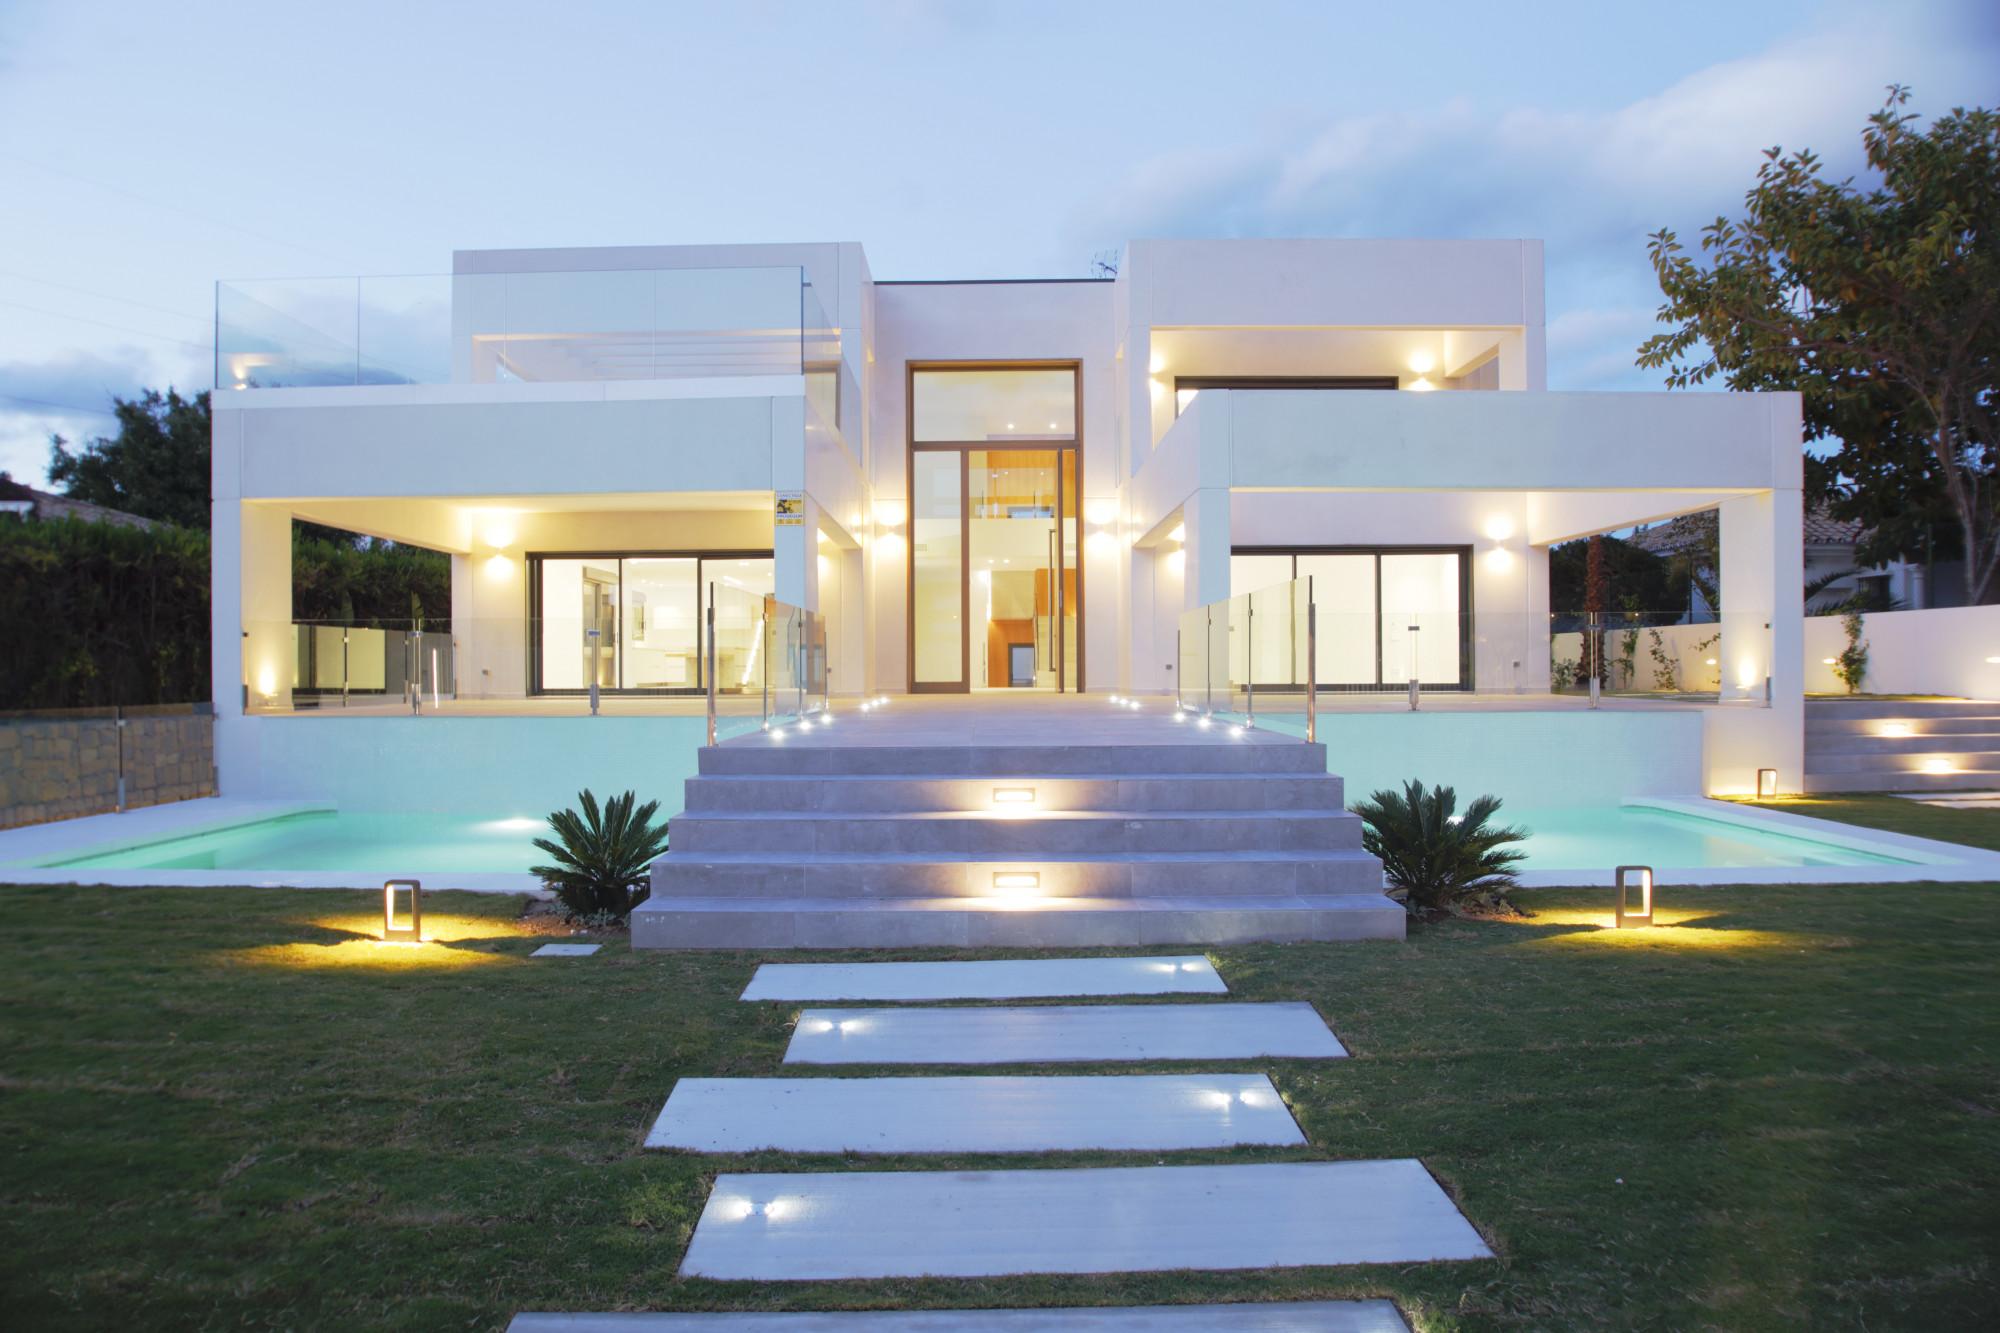 Casas prefabricadas de hormig n eficiencia y rapidez al - El mejor ambientador para casa ...